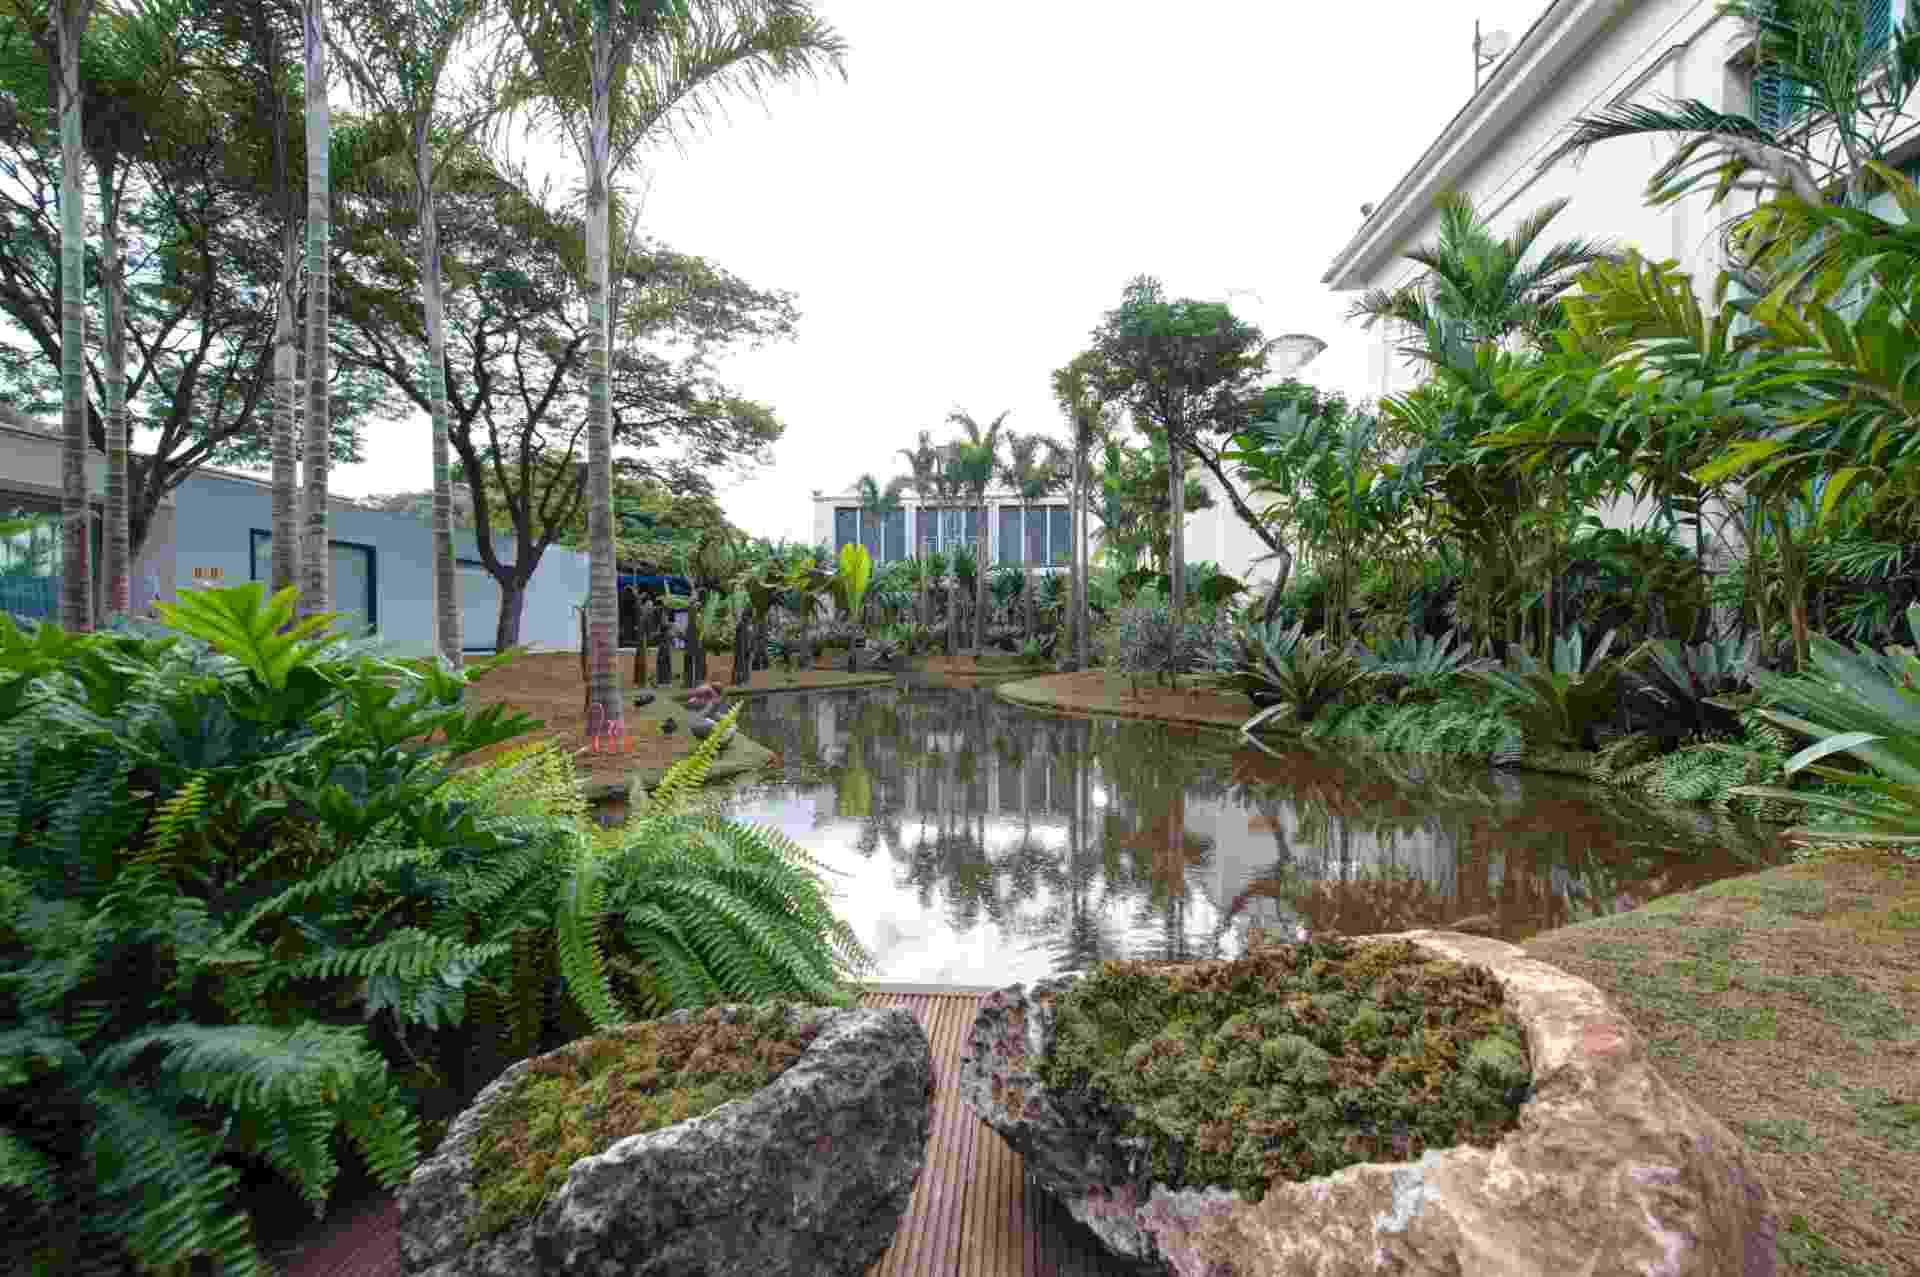 No espaço Tributo a Inhotim by Orsini, de 1.200 m², desenhado pelo paisagista Luis Carlos Orsini, há um lago de 500 m², cercado por espécies de palmeiras adultas, samambaias e outras plantas tropicais. A 27ª Casa Cor SP segue até dia 21 de julho de 2013, no Jockey Club de São Paulo - undefined